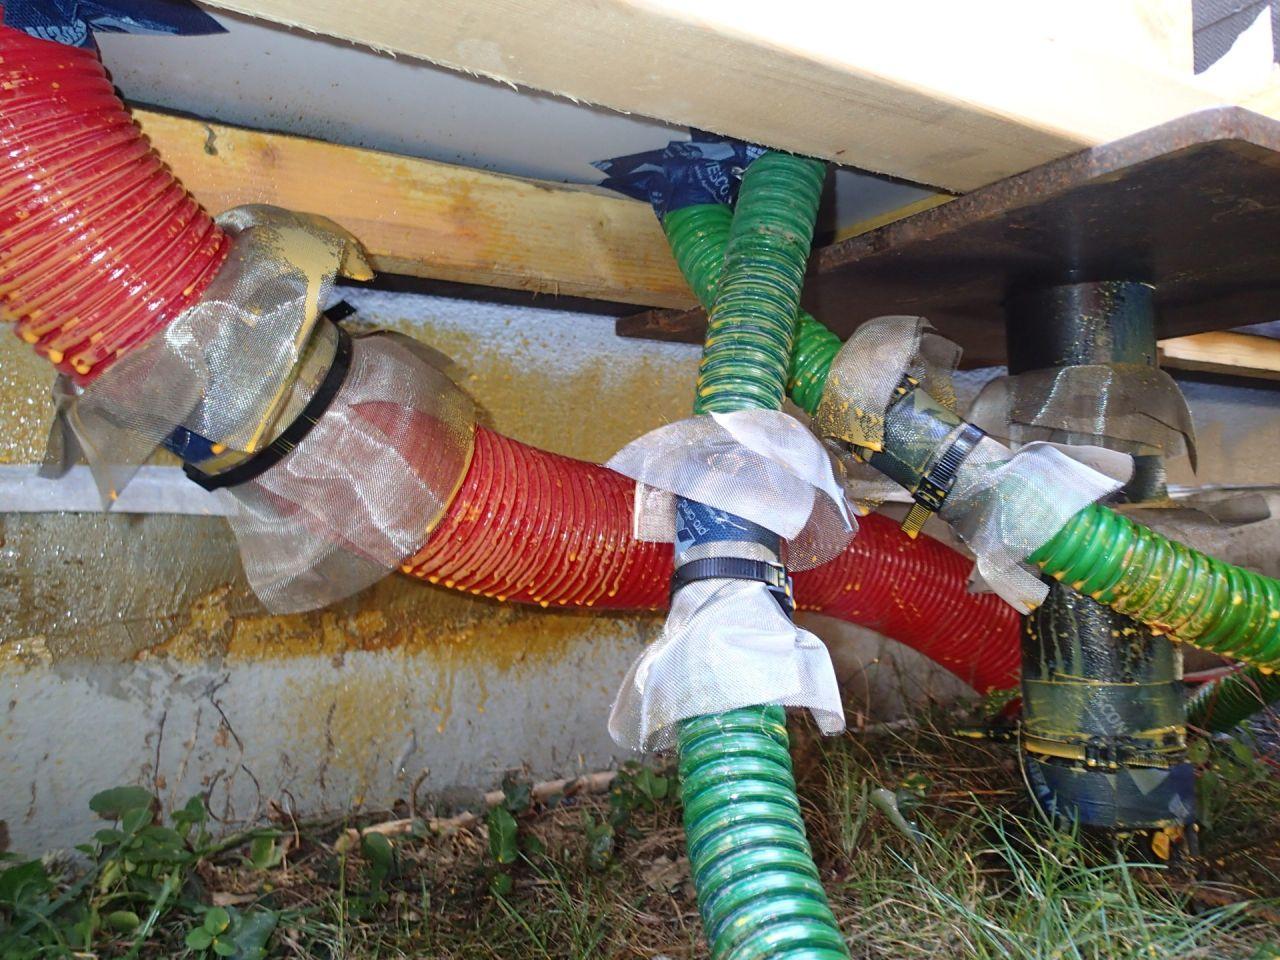 Arrivée du fourreau électrique, téléphone, et sonde techno pieux vu d'en dessous, avec les barrières anti-termites